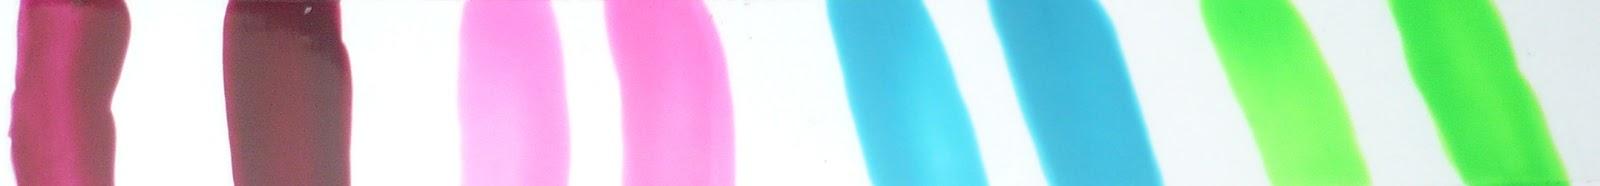 Esmaltes Vogue neón, Pastel, Zafiro, Limón, Rojo cereza 37, opiniones swatch review